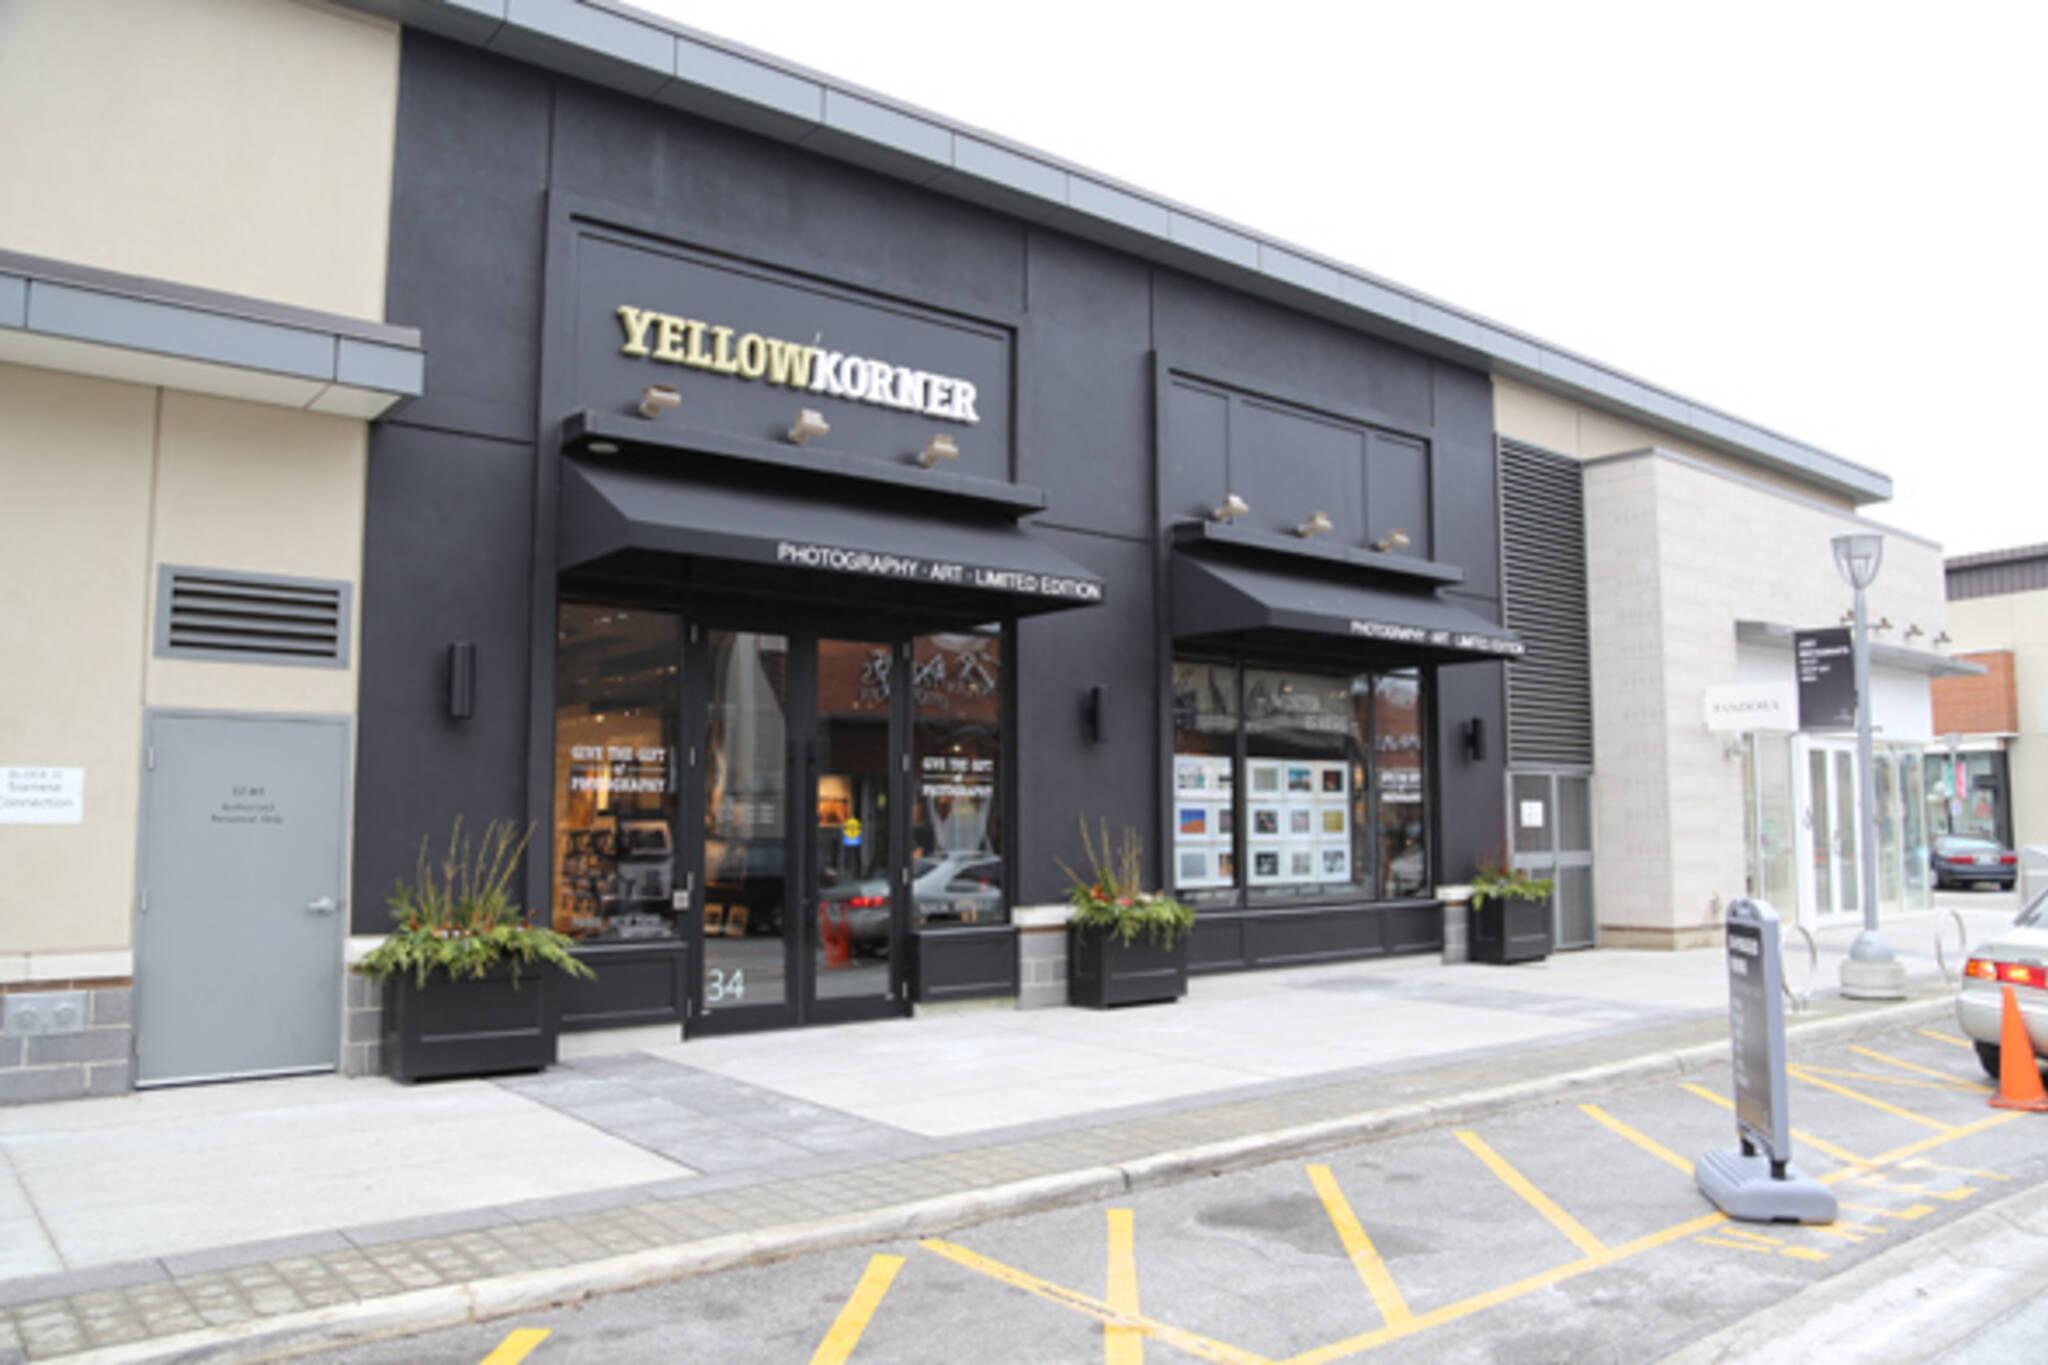 YellowKorner Toronto